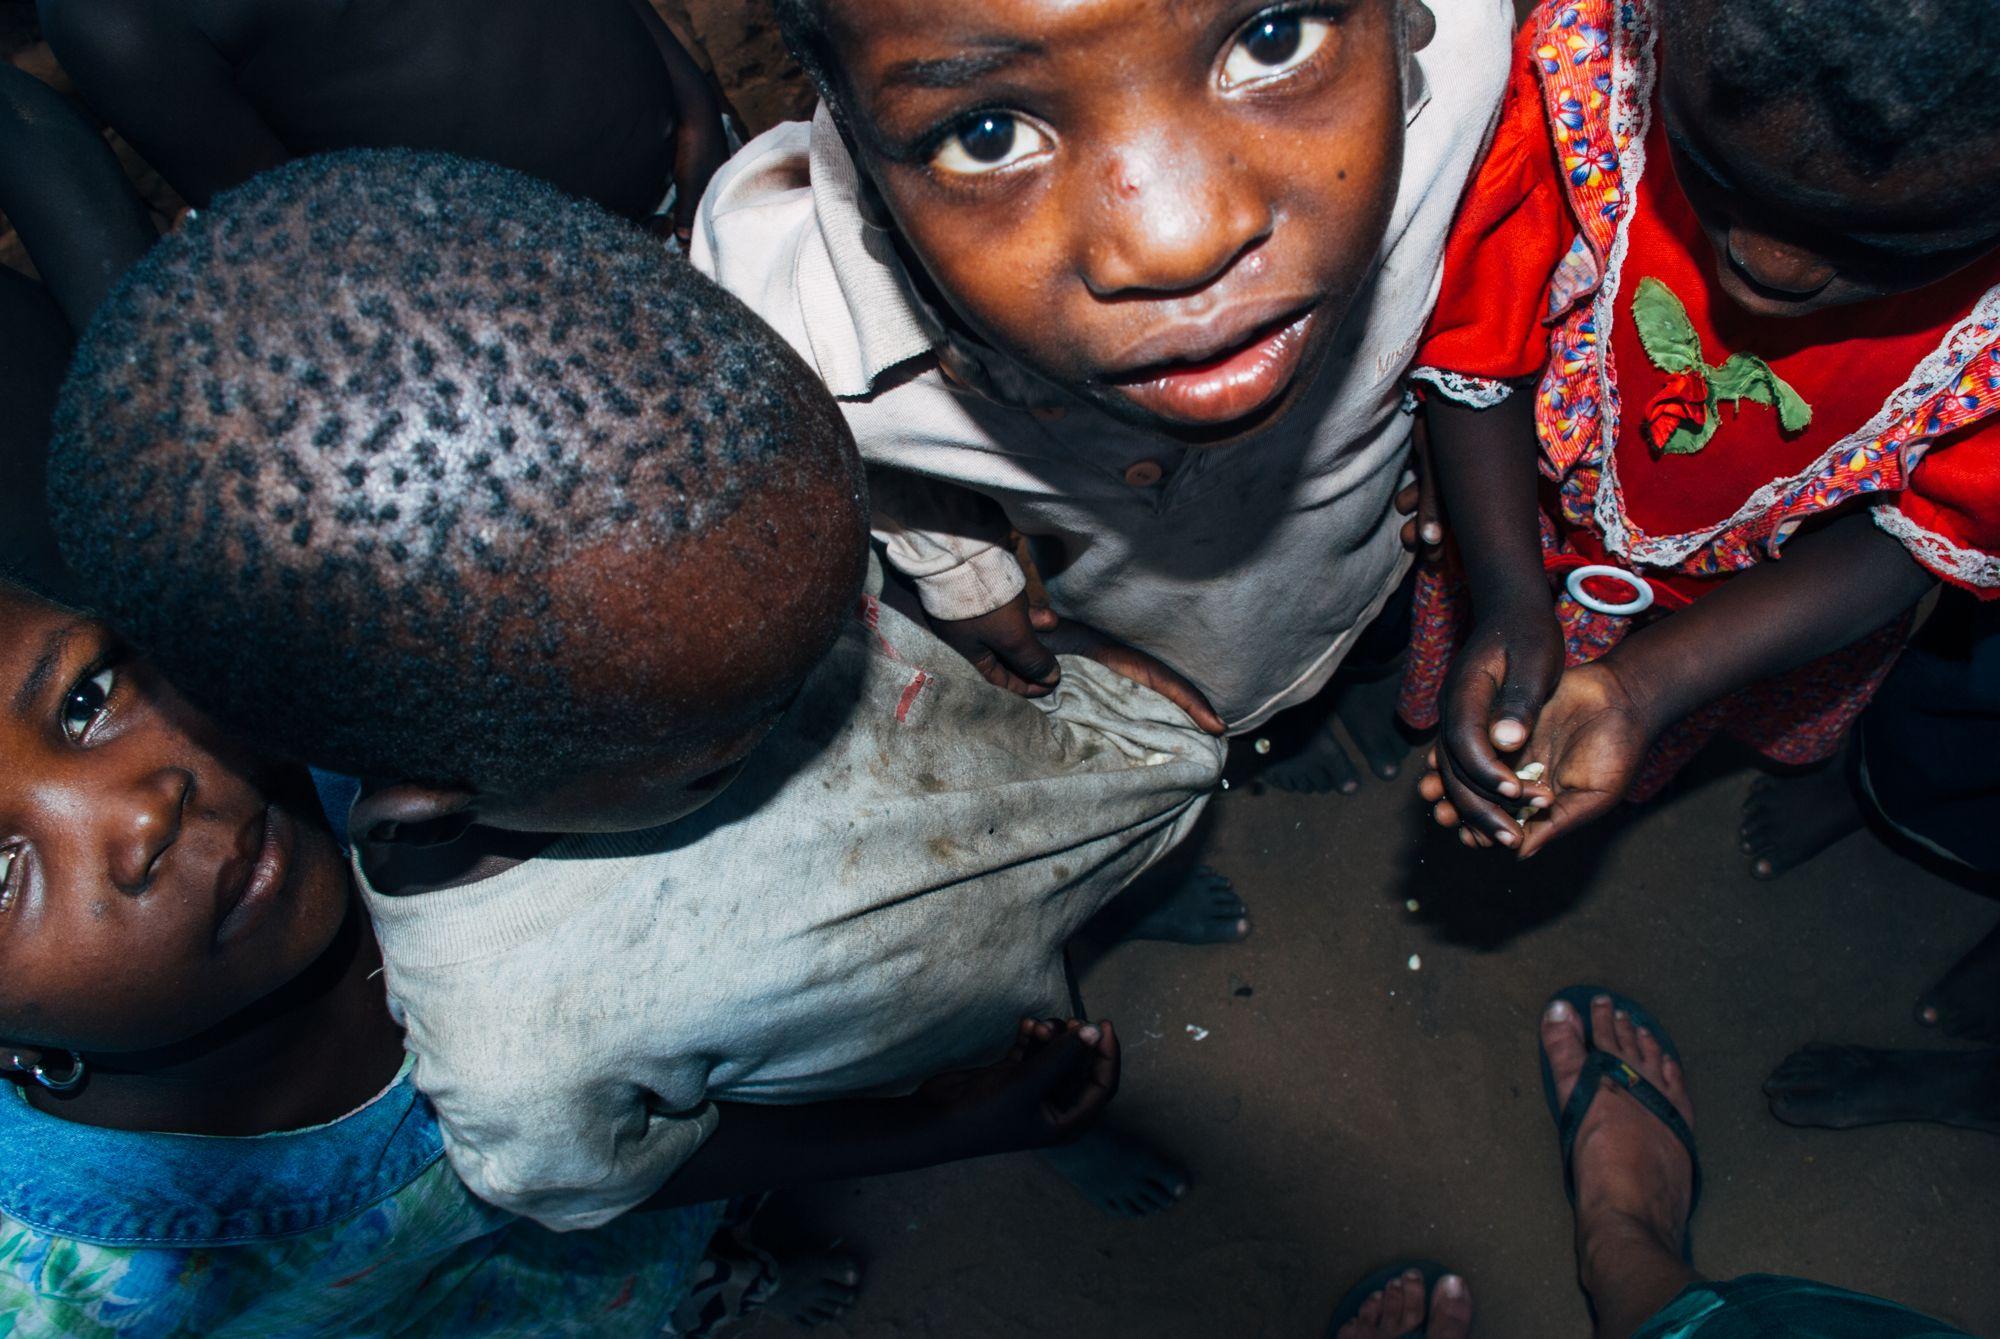 SMÅ MAISKORN - Disse barna fant noen få maiskorn på bakken etter matutdelingen. Maiskorn de delte nøye seg imellom.